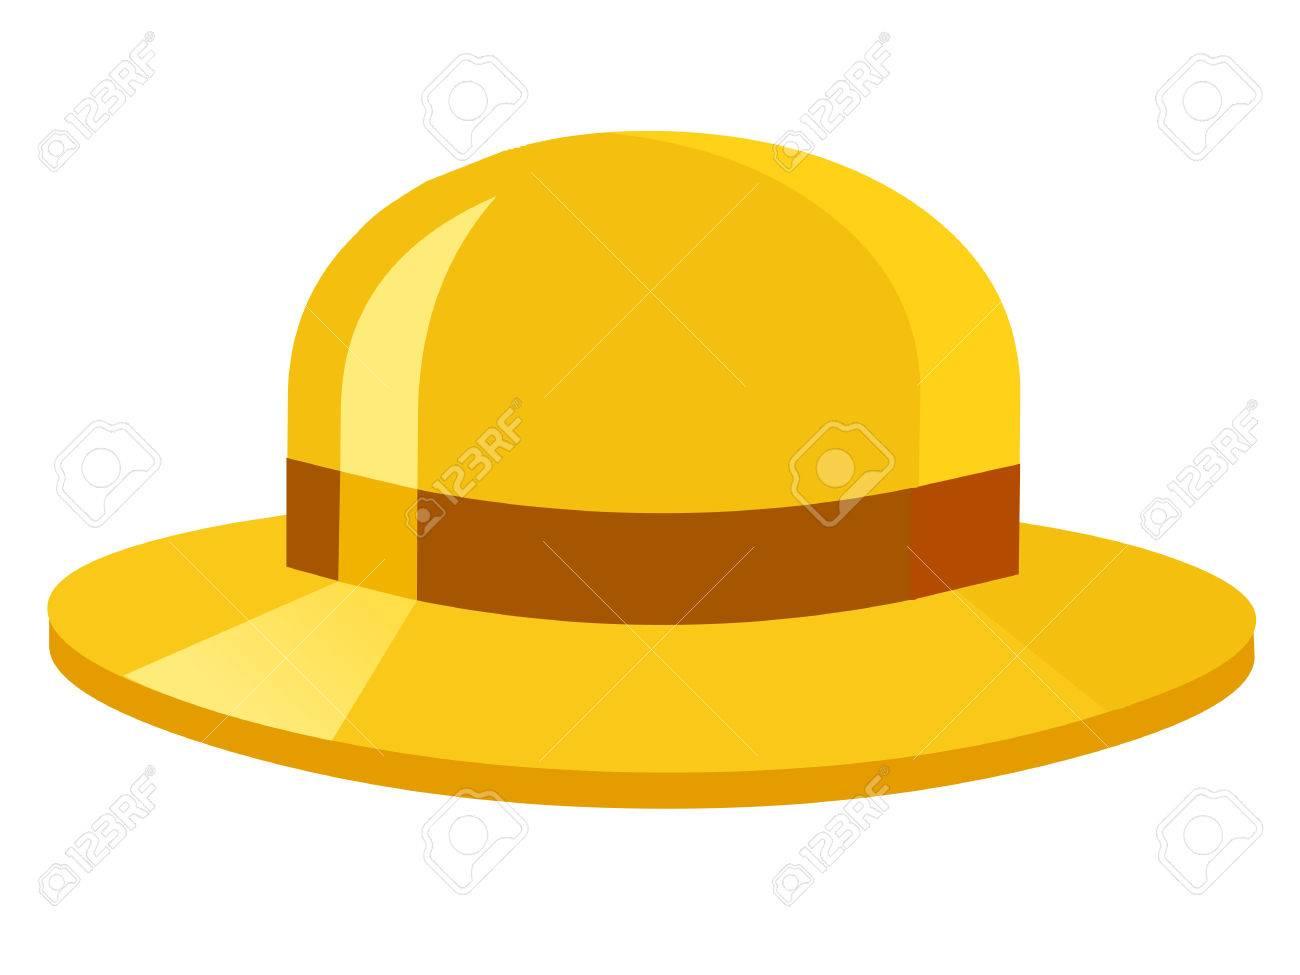 Foto de archivo - Sombrero amarillo 57466d4a363